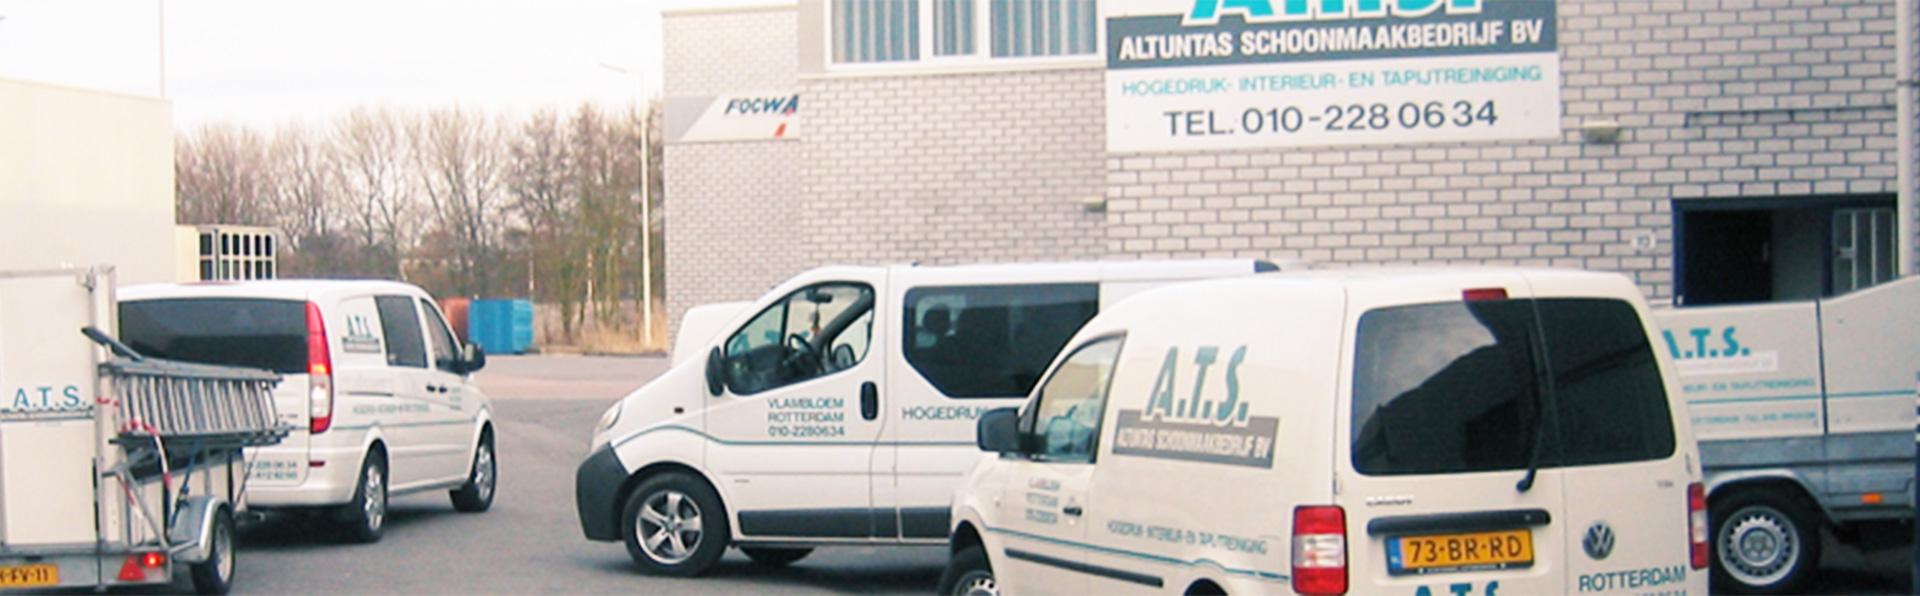 Schoonmaakbedrijf-Zwolle-ATS-header